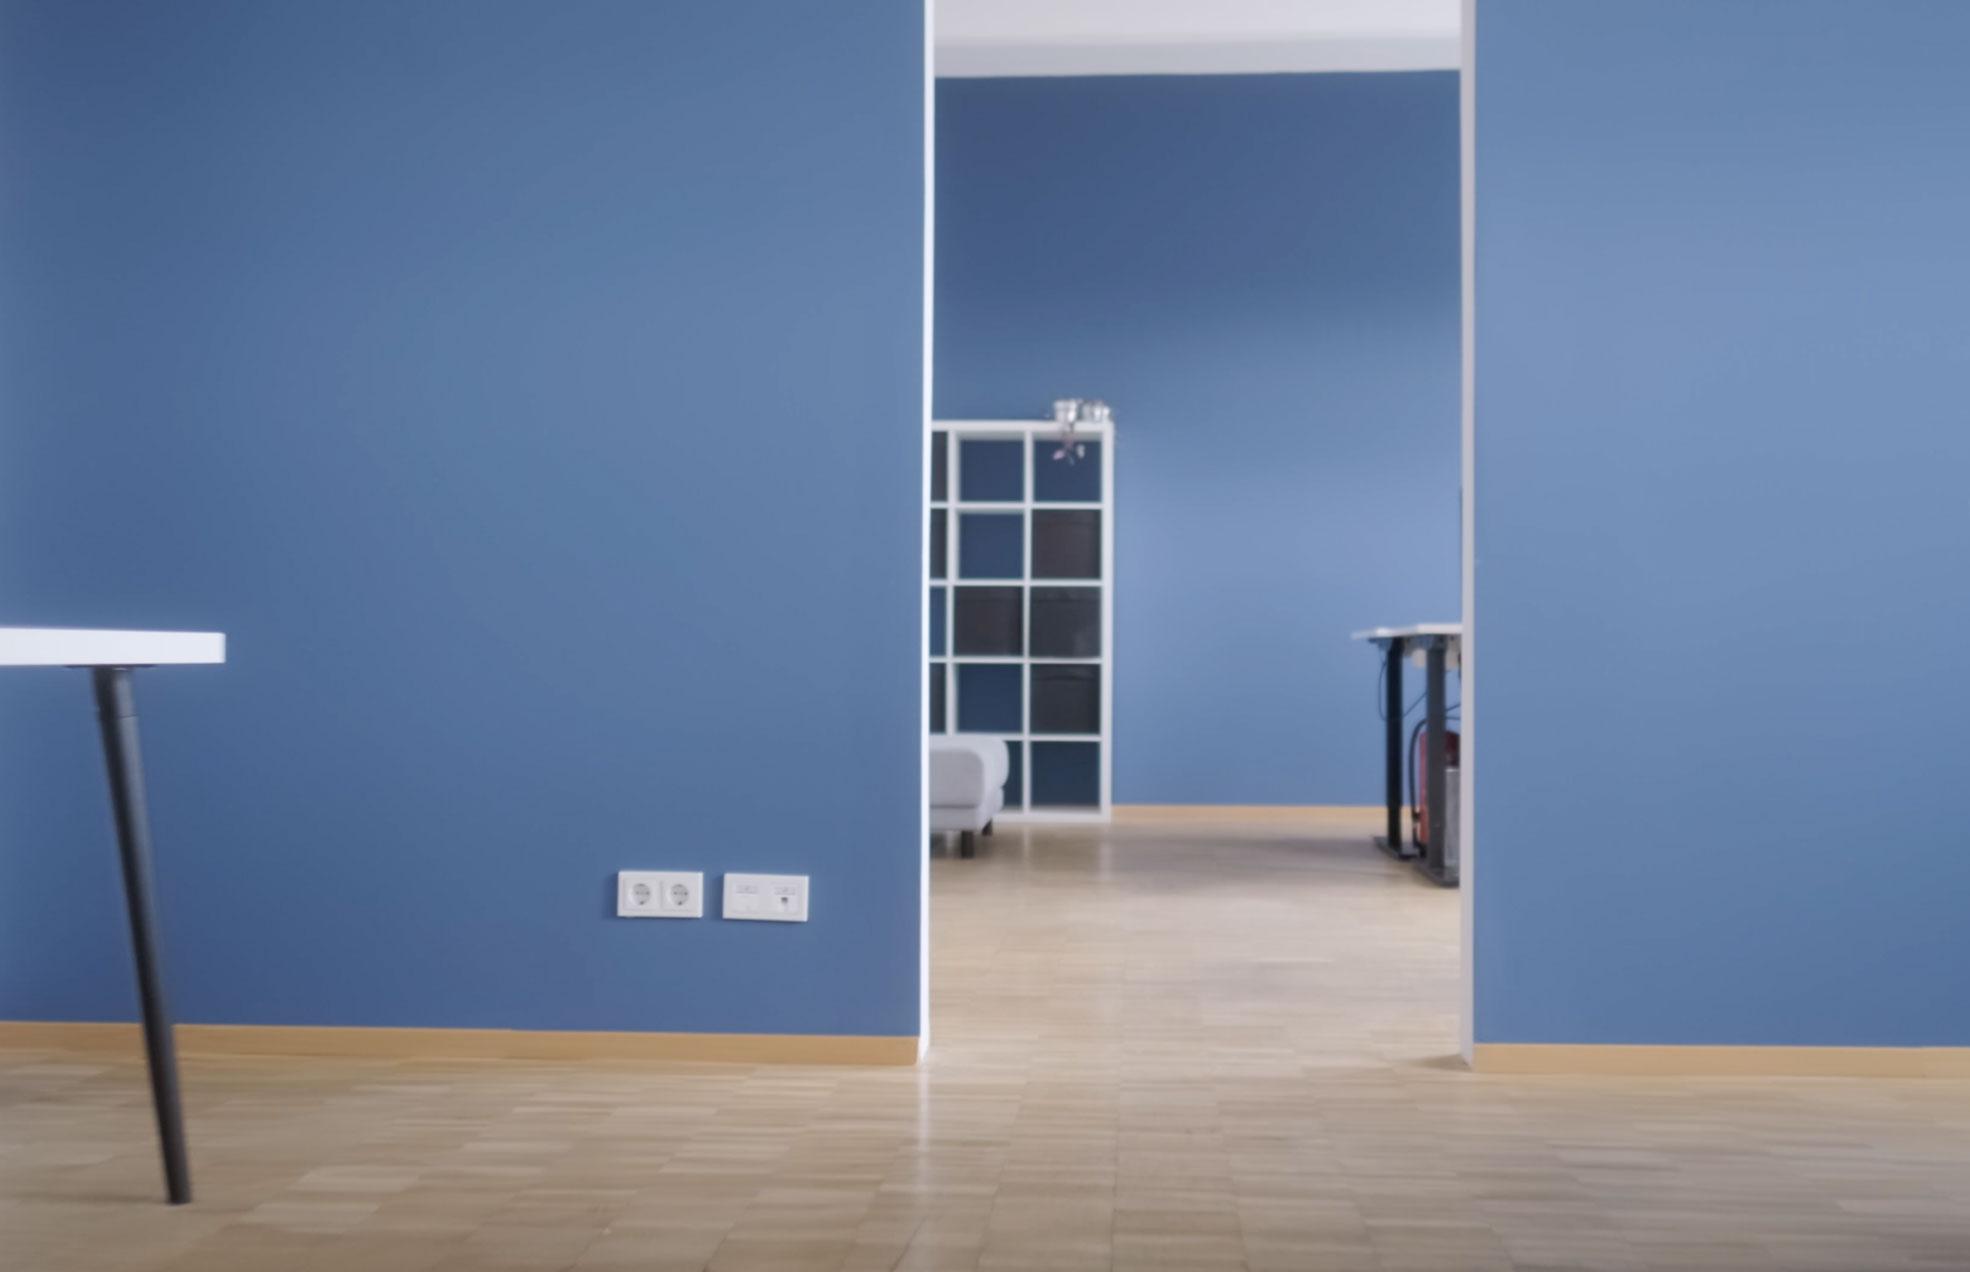 Türrahmen und blaue Wand im ToolTime Büro